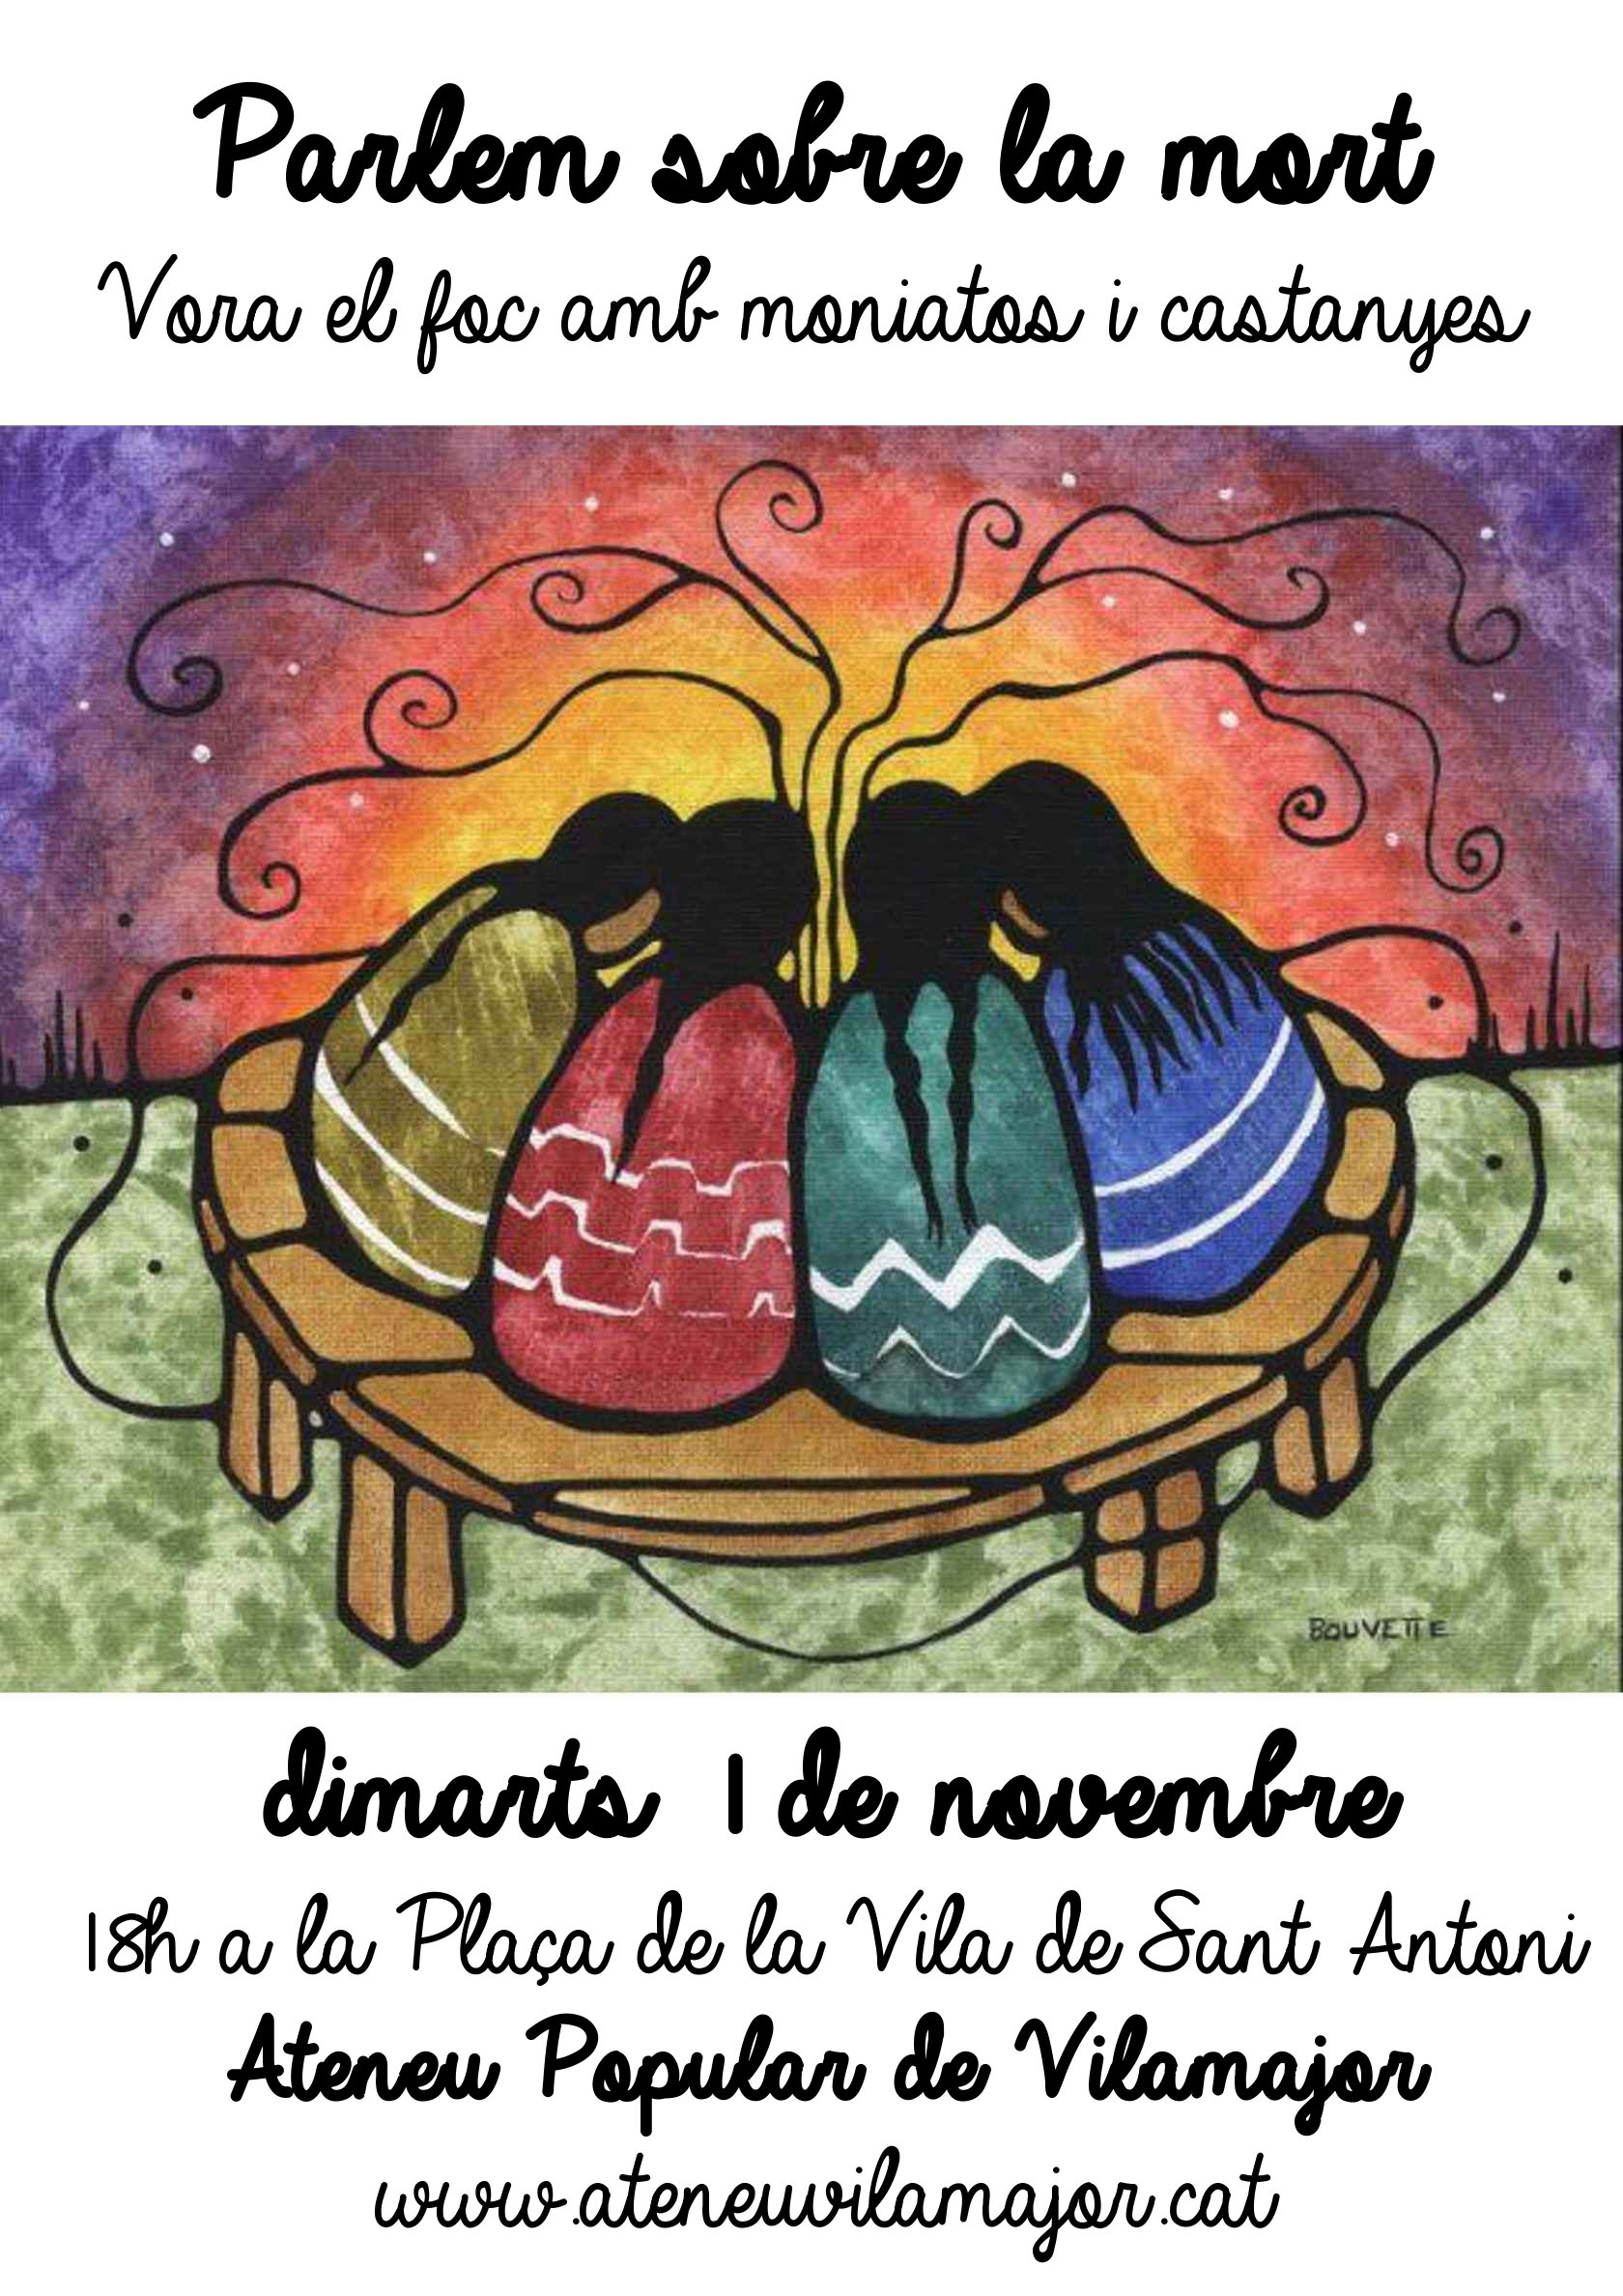 cartell-parlemsobrelamort-2016